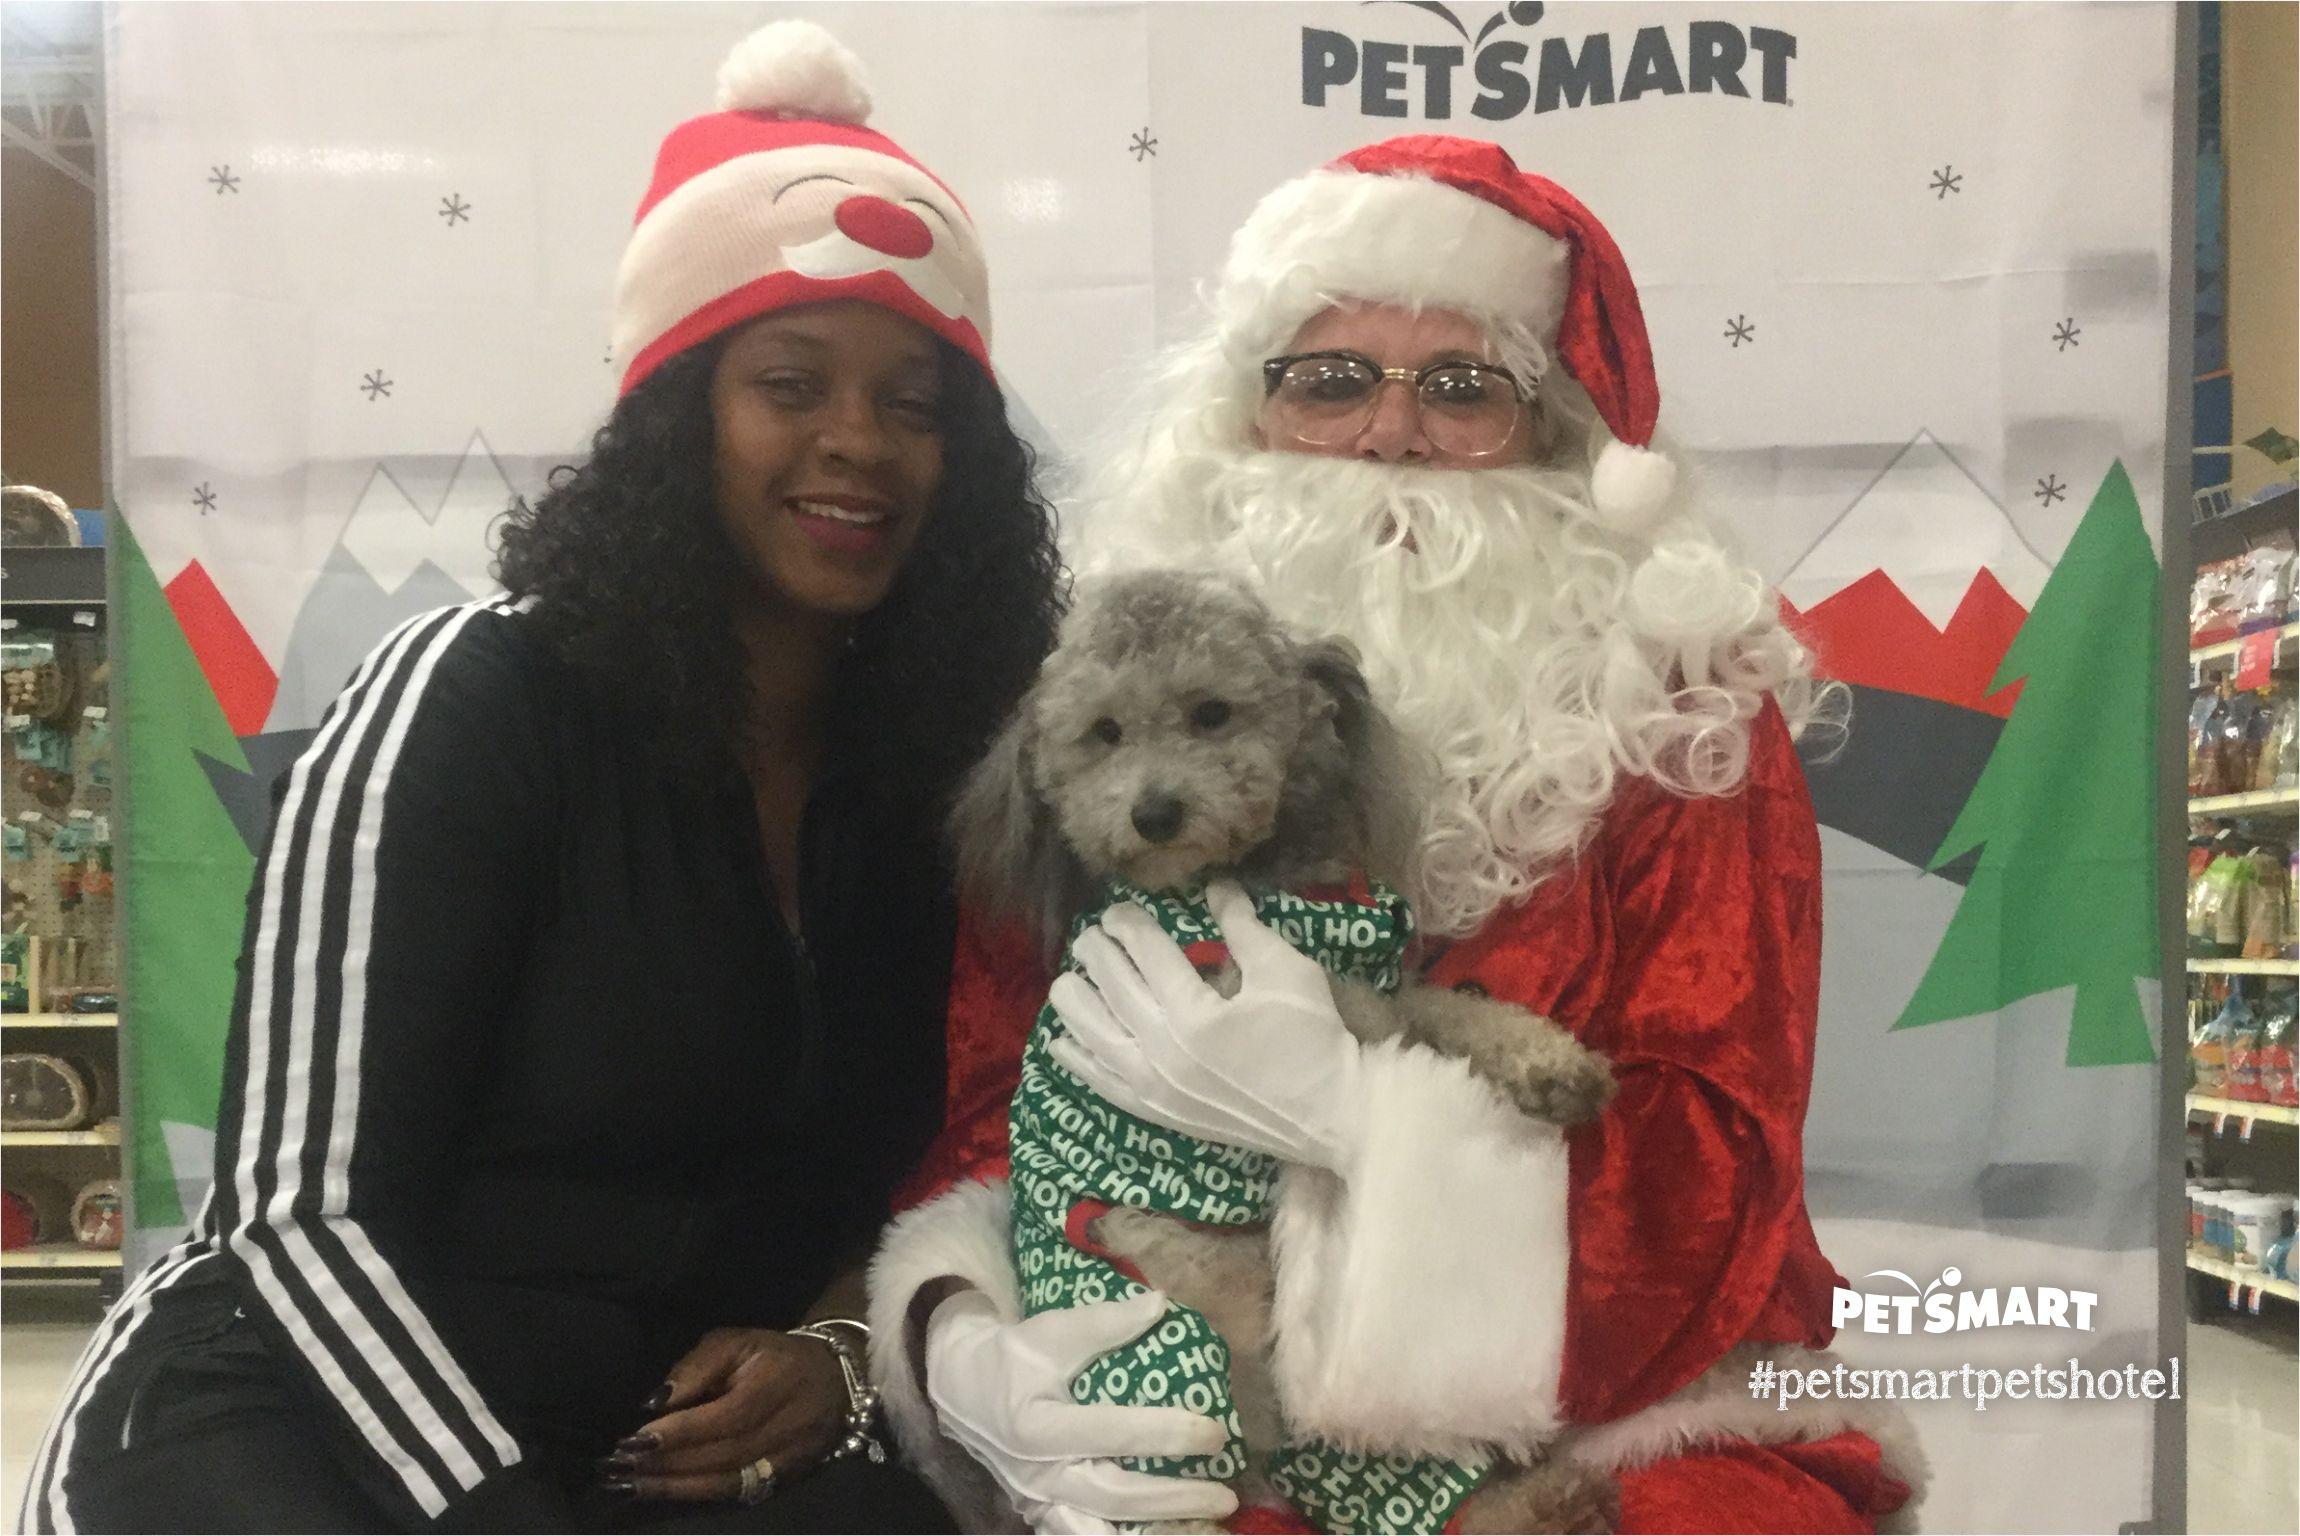 Hov 2019 Petsmart Ronald Mcdonald Pets